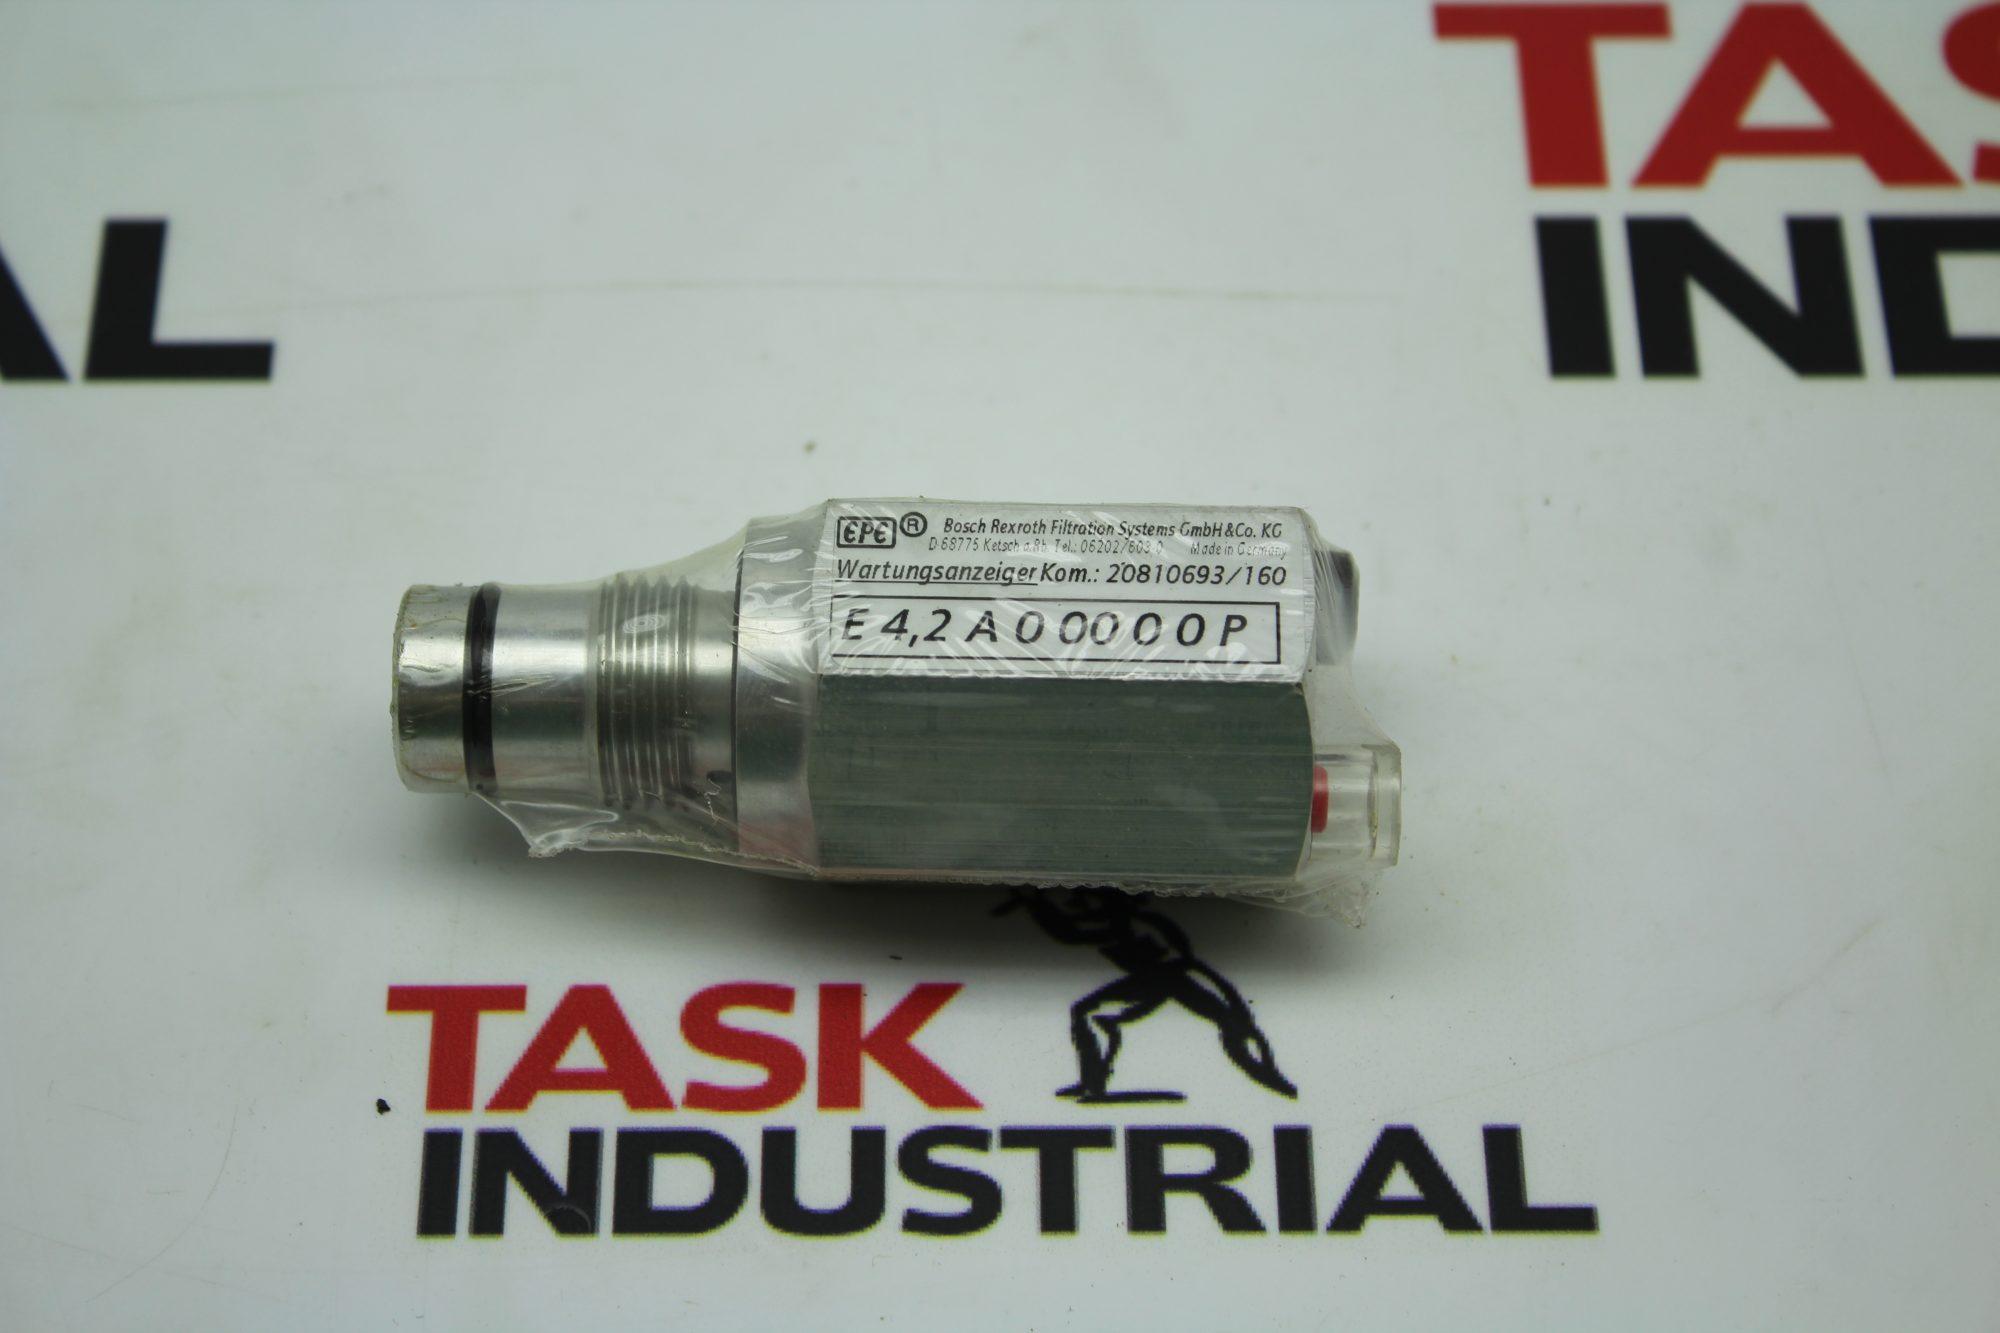 Bosch 20810693/160 E4,2A00000P